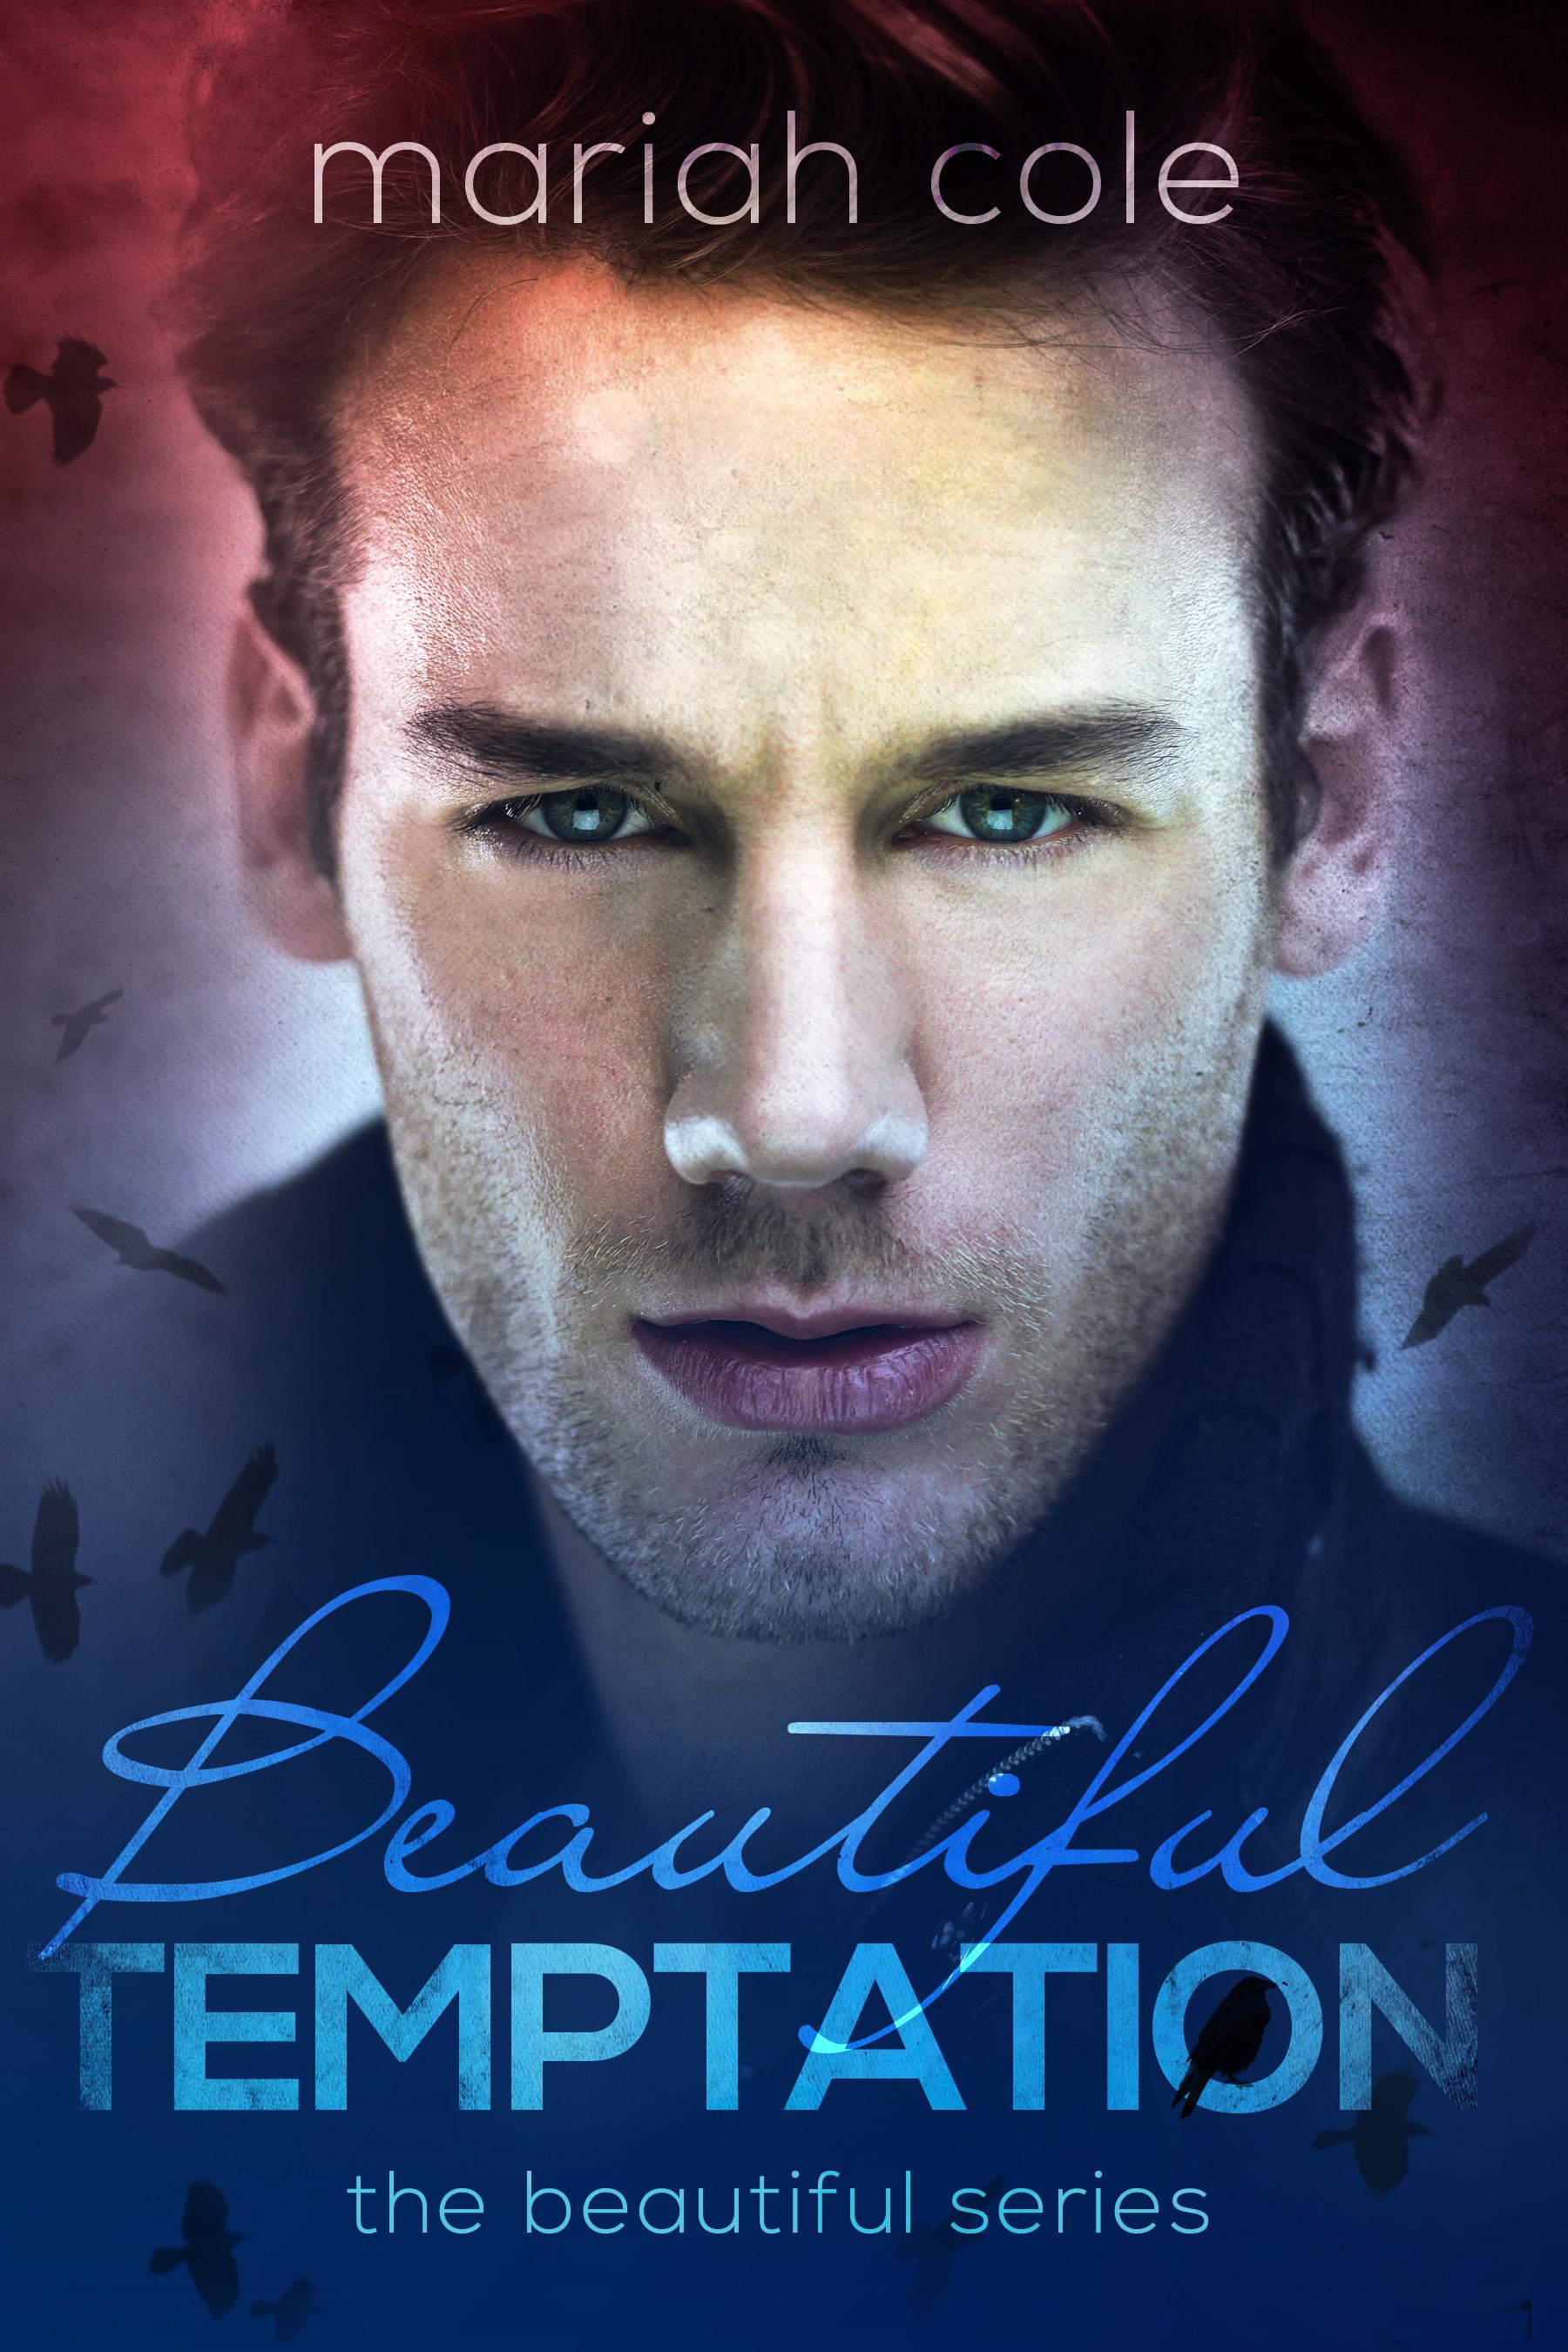 BeautifulTemptationeBook